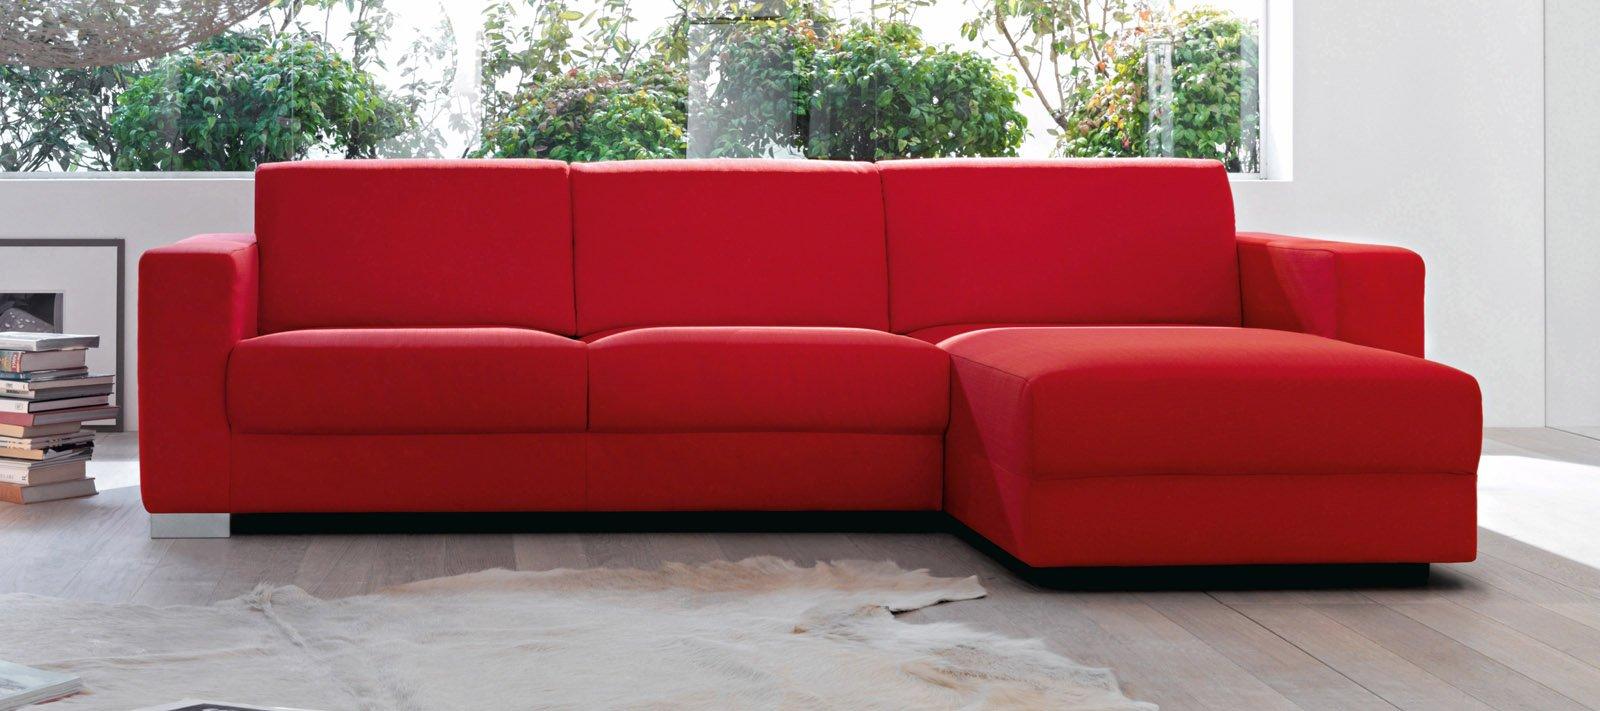 Ravviviamo con il rosso cose di casa - Rivestimento divano ikea ...